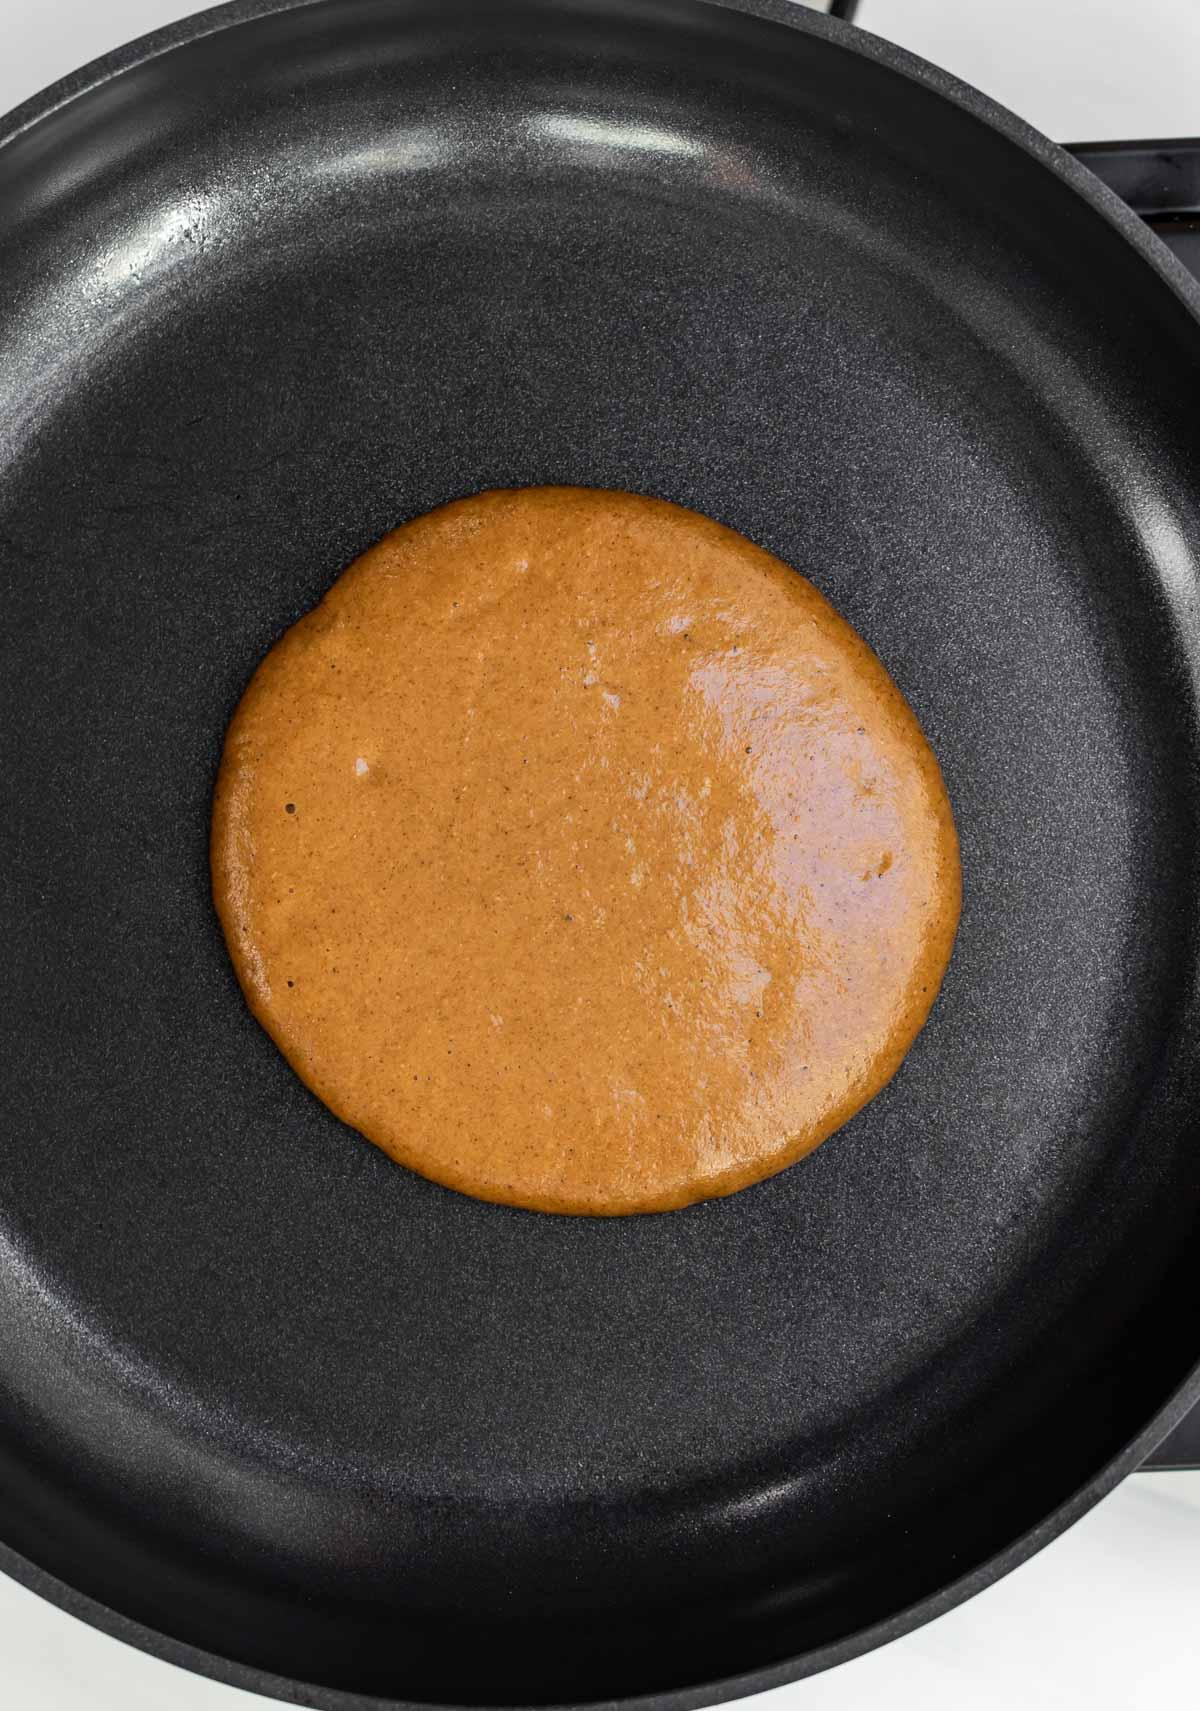 Pancake cooking on a pan.